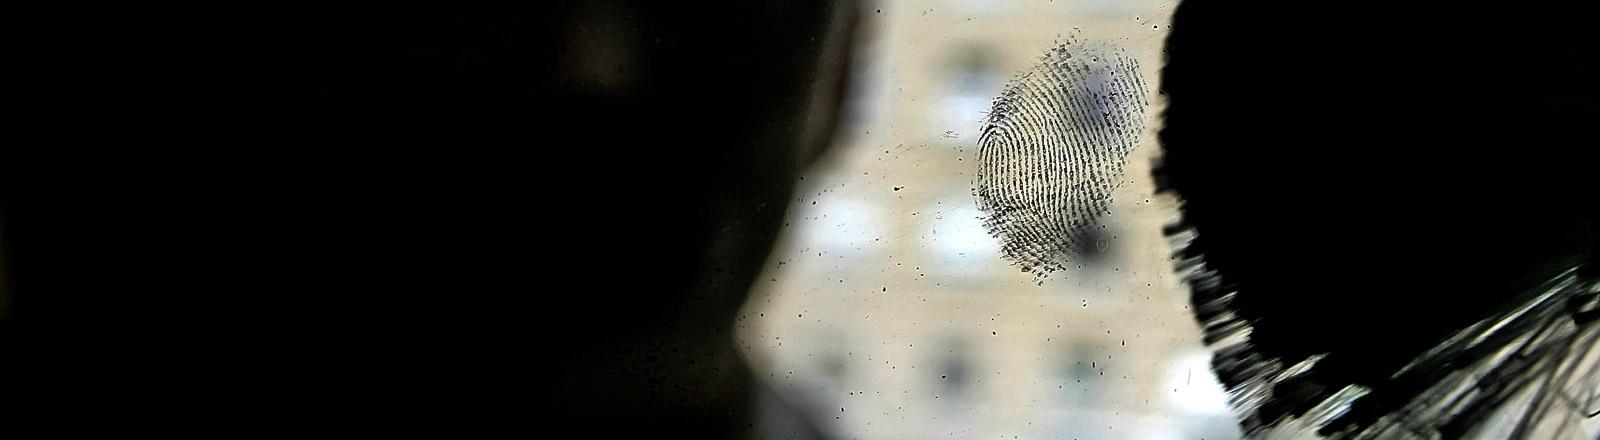 Ein Fingerabdruck auf einer Fensterscheibe